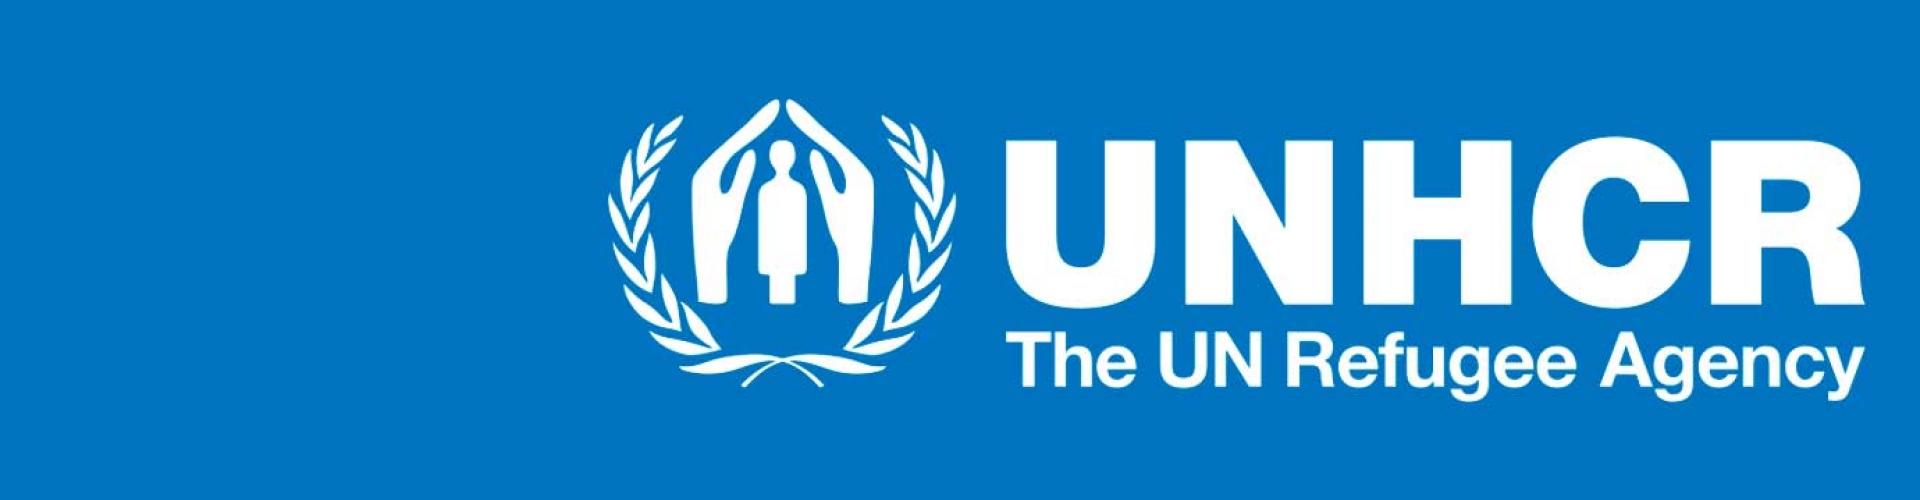 UNHCR กำลังทำงานร่วมกับทางการไทยกรณีผู้แสวงหาที่พักพิงชาวซาอุดิอาระเบีย นางสาว ราฮาฟ โมฮัมเหม็ด โมทีค อัลกูนุน